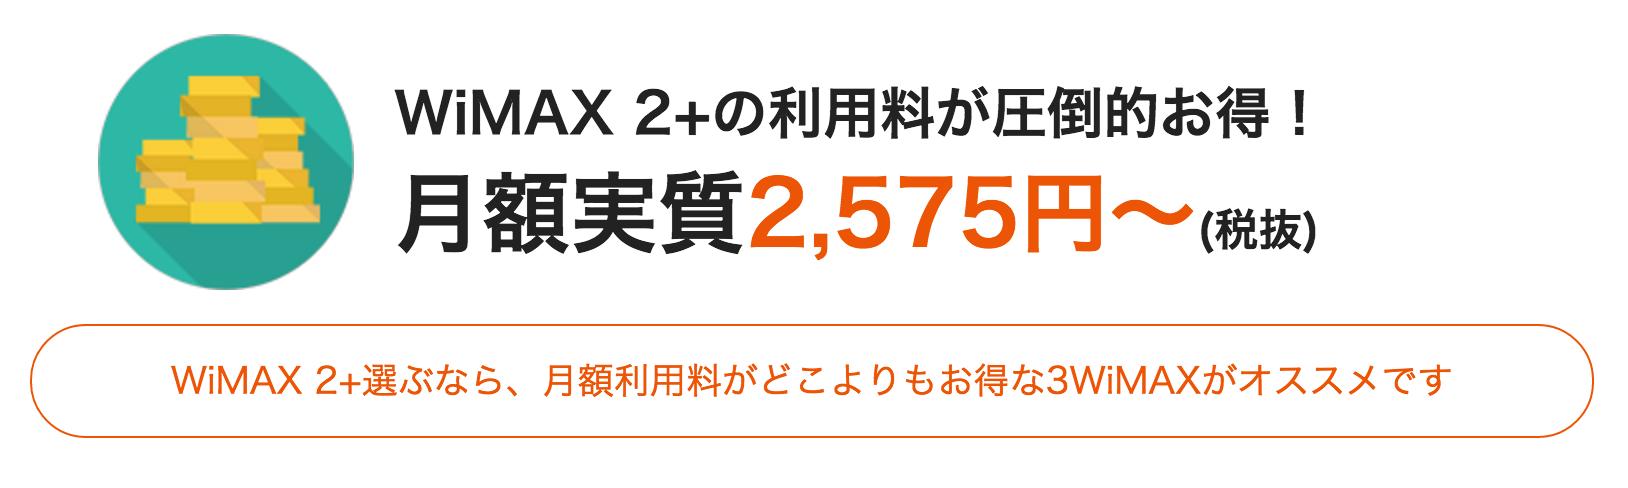 月額費用_au_3WiMAX